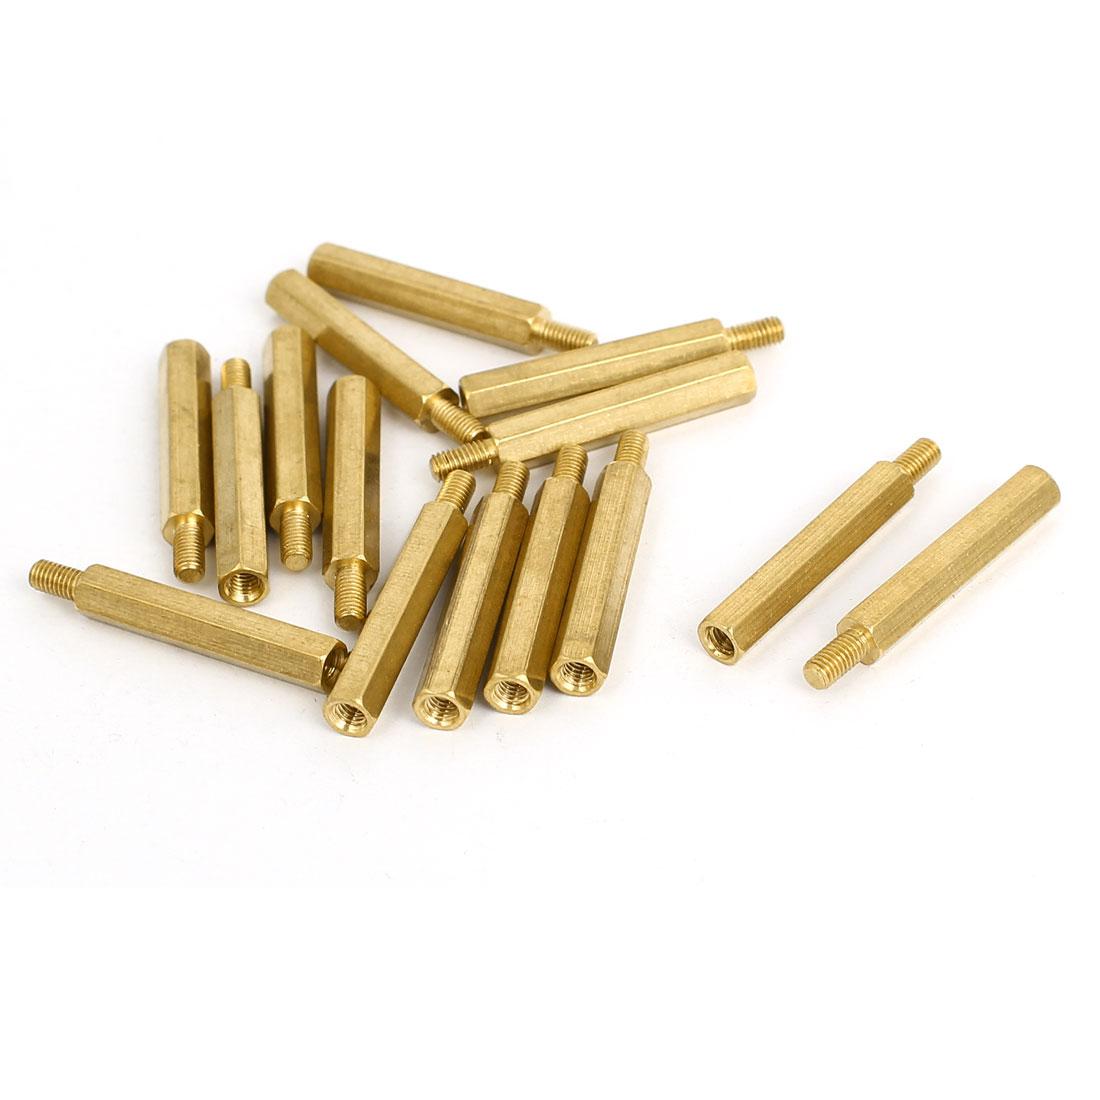 M3x26mm+6mm Brass Threaded Hex Hexagonal Male-Female Standoff Spacer Pillar 15pcs